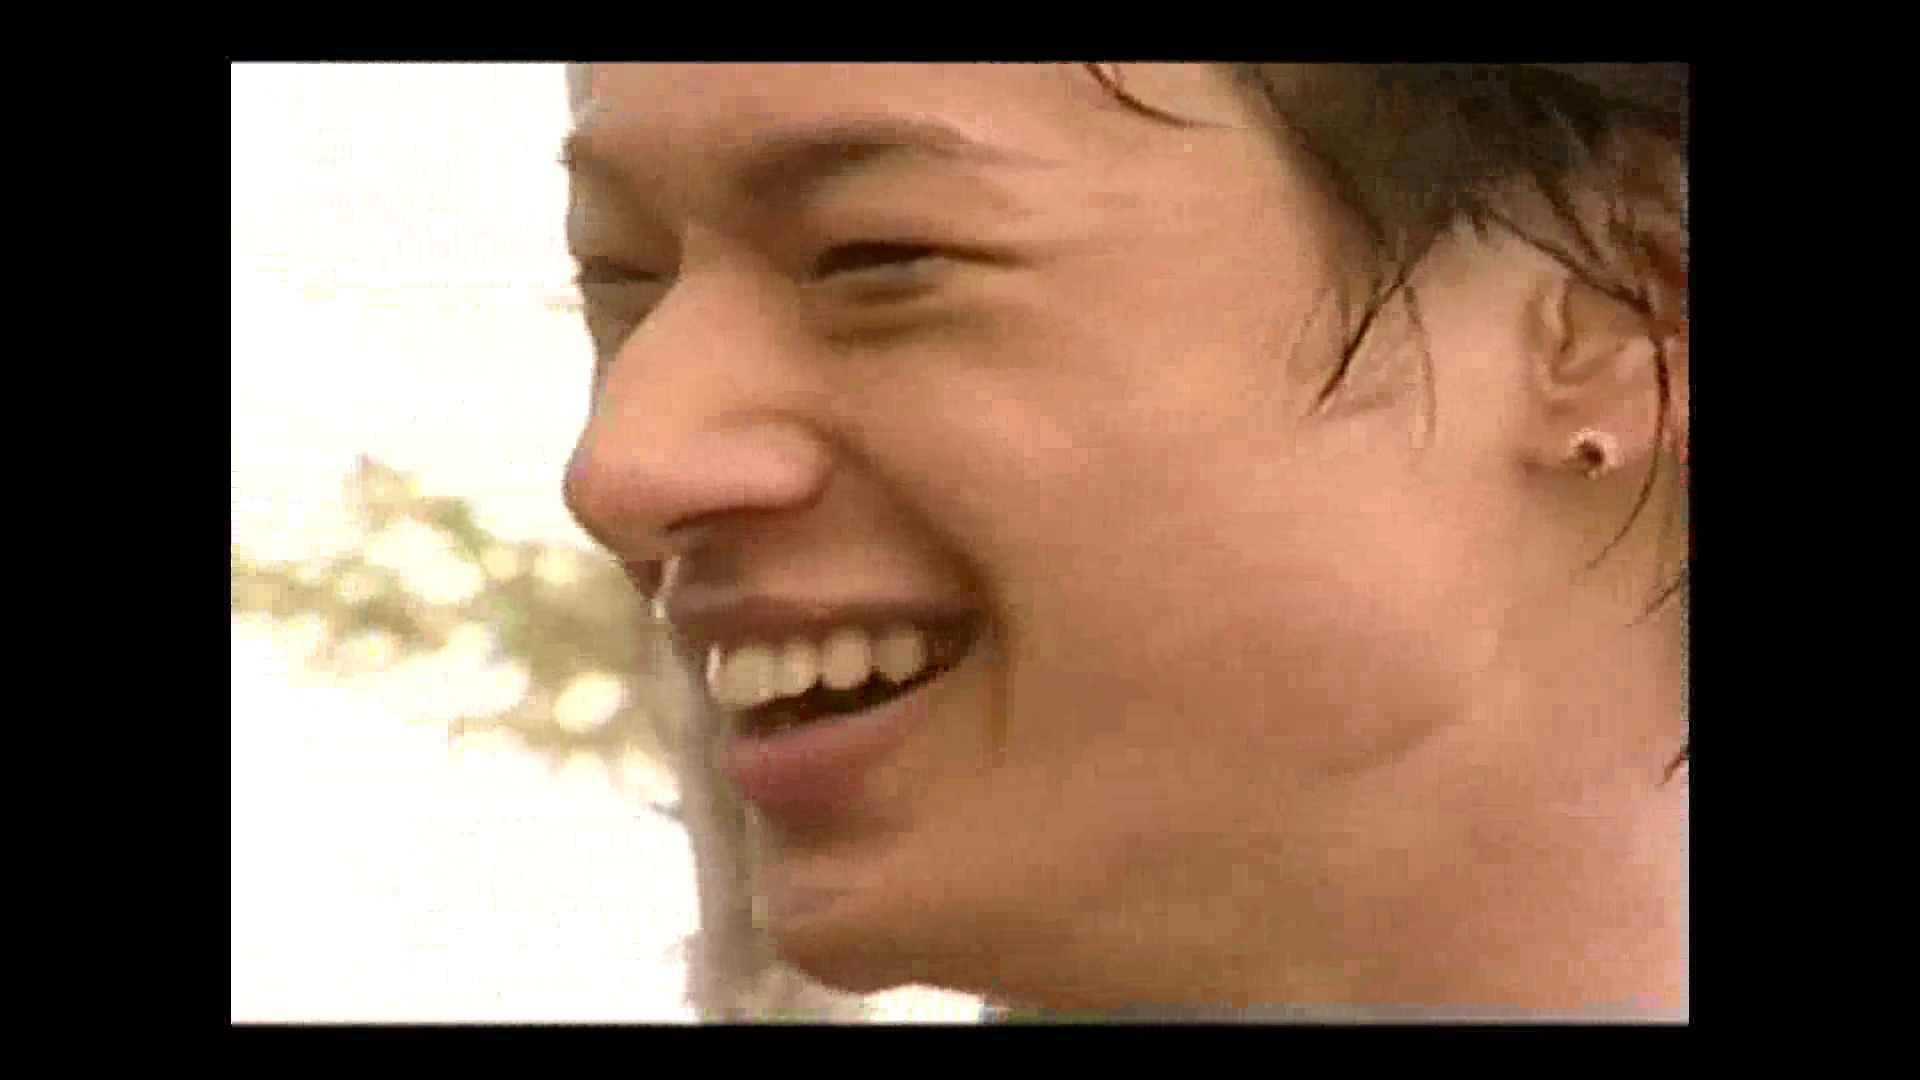 集団隠密卑猥卒業旅行ですかッ!!VOL.03 手コキ ゲイエロビデオ画像 14画像 10